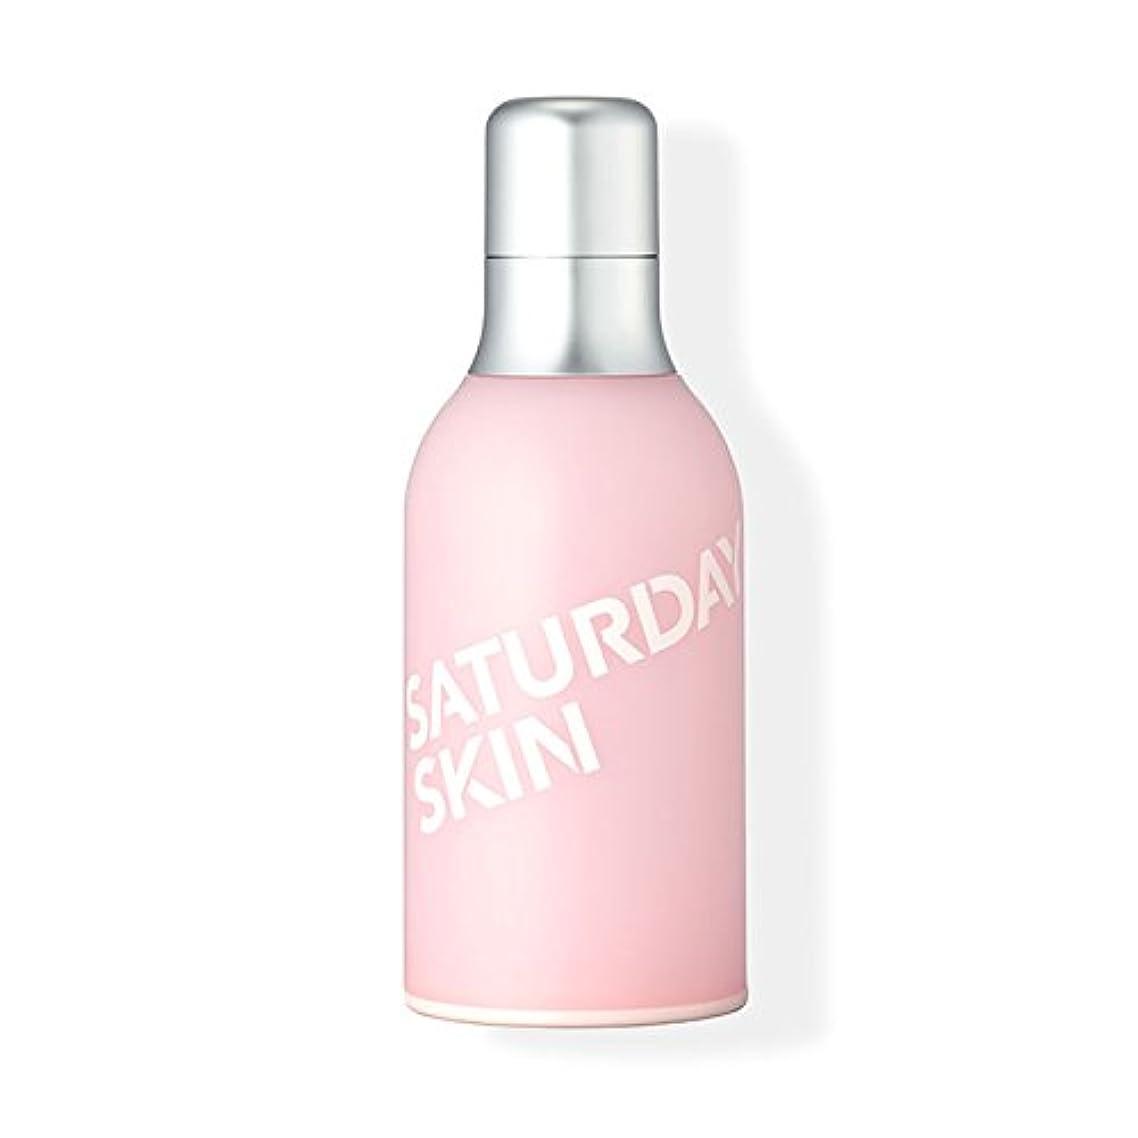 受賞不健康役職韓国コスメ Saturday skin サタデースキン ハイドレーティングエッセンスミスト(化粧水/フェイスミスト) 130ml